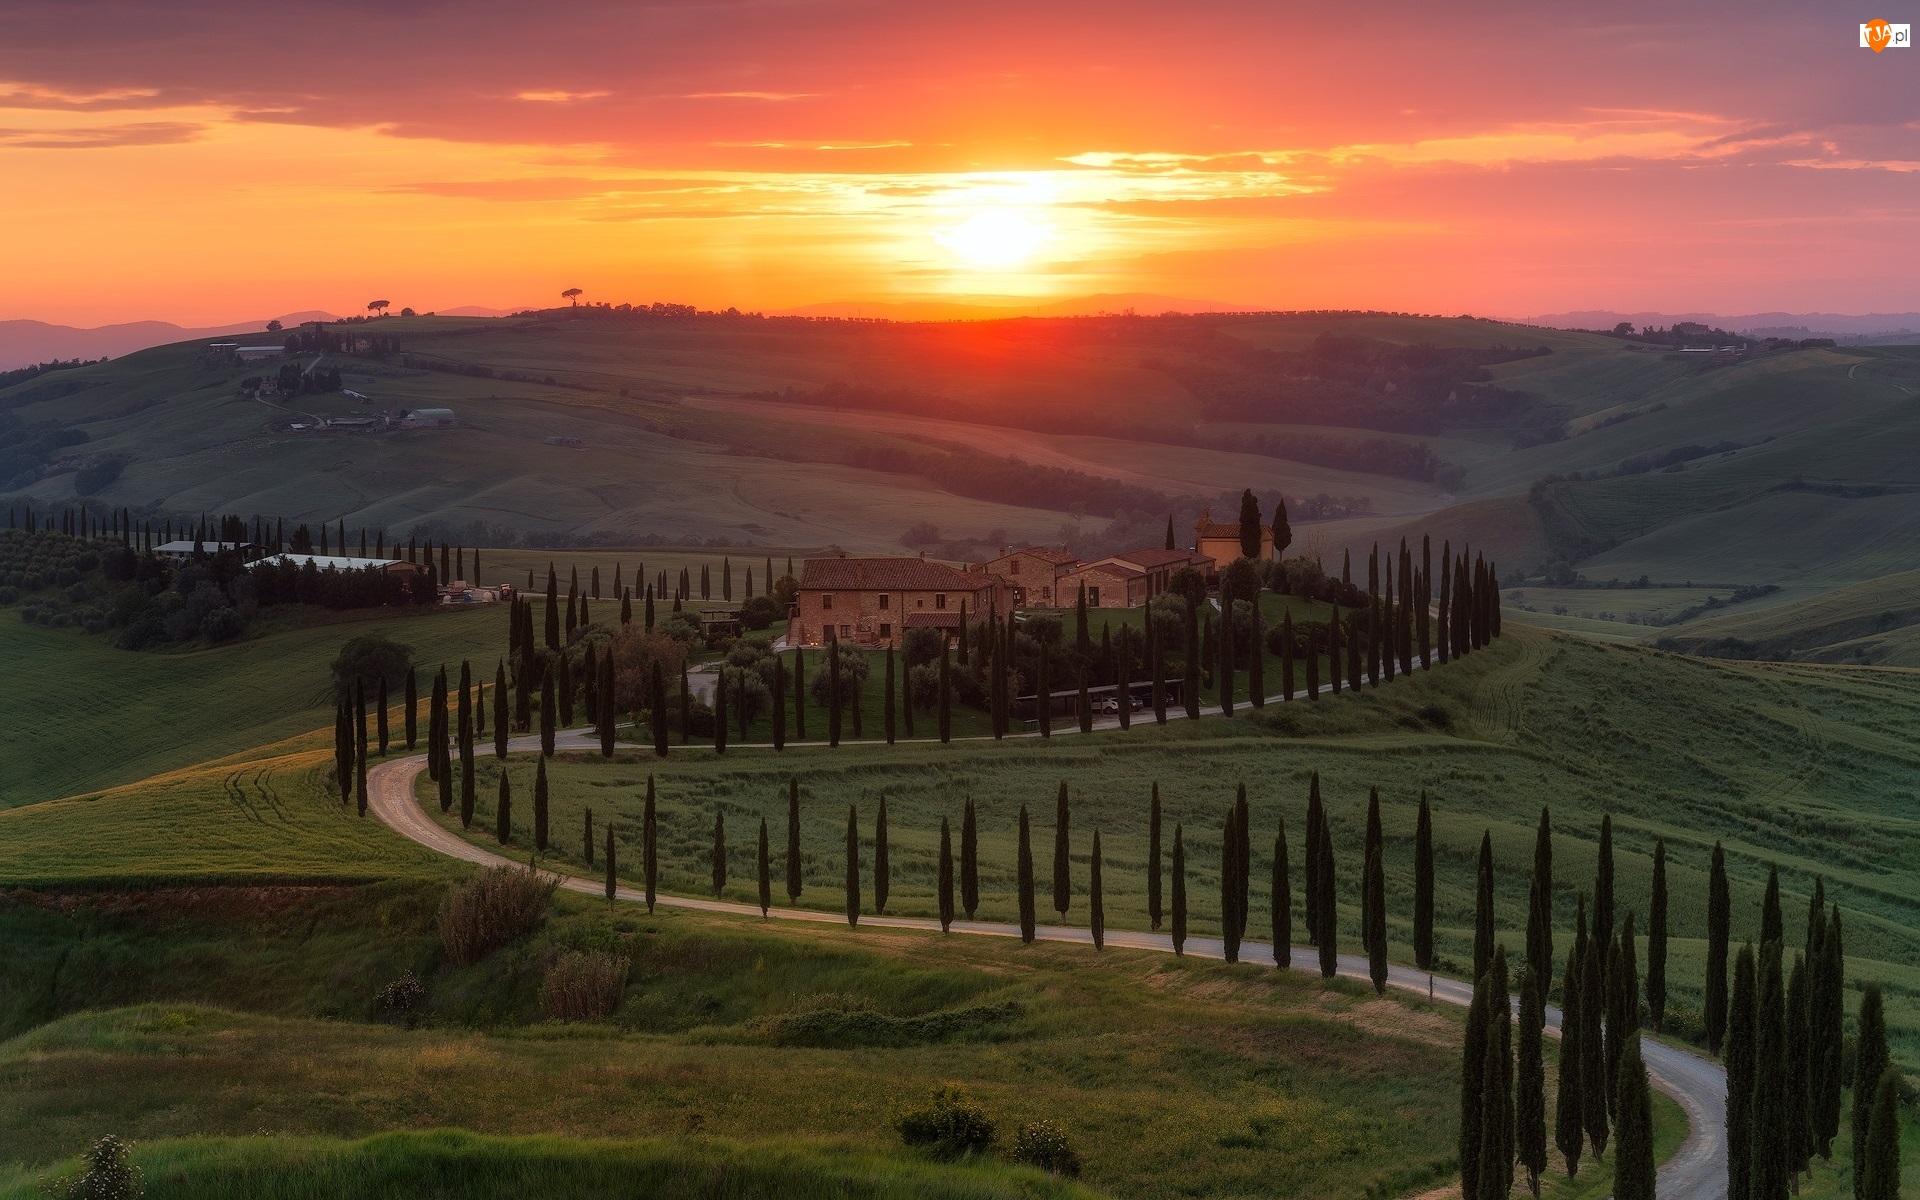 Wzgórza, Domy, Cyprysy, Toskania, Droga, Zachód słońca, Włochy, Drzewa